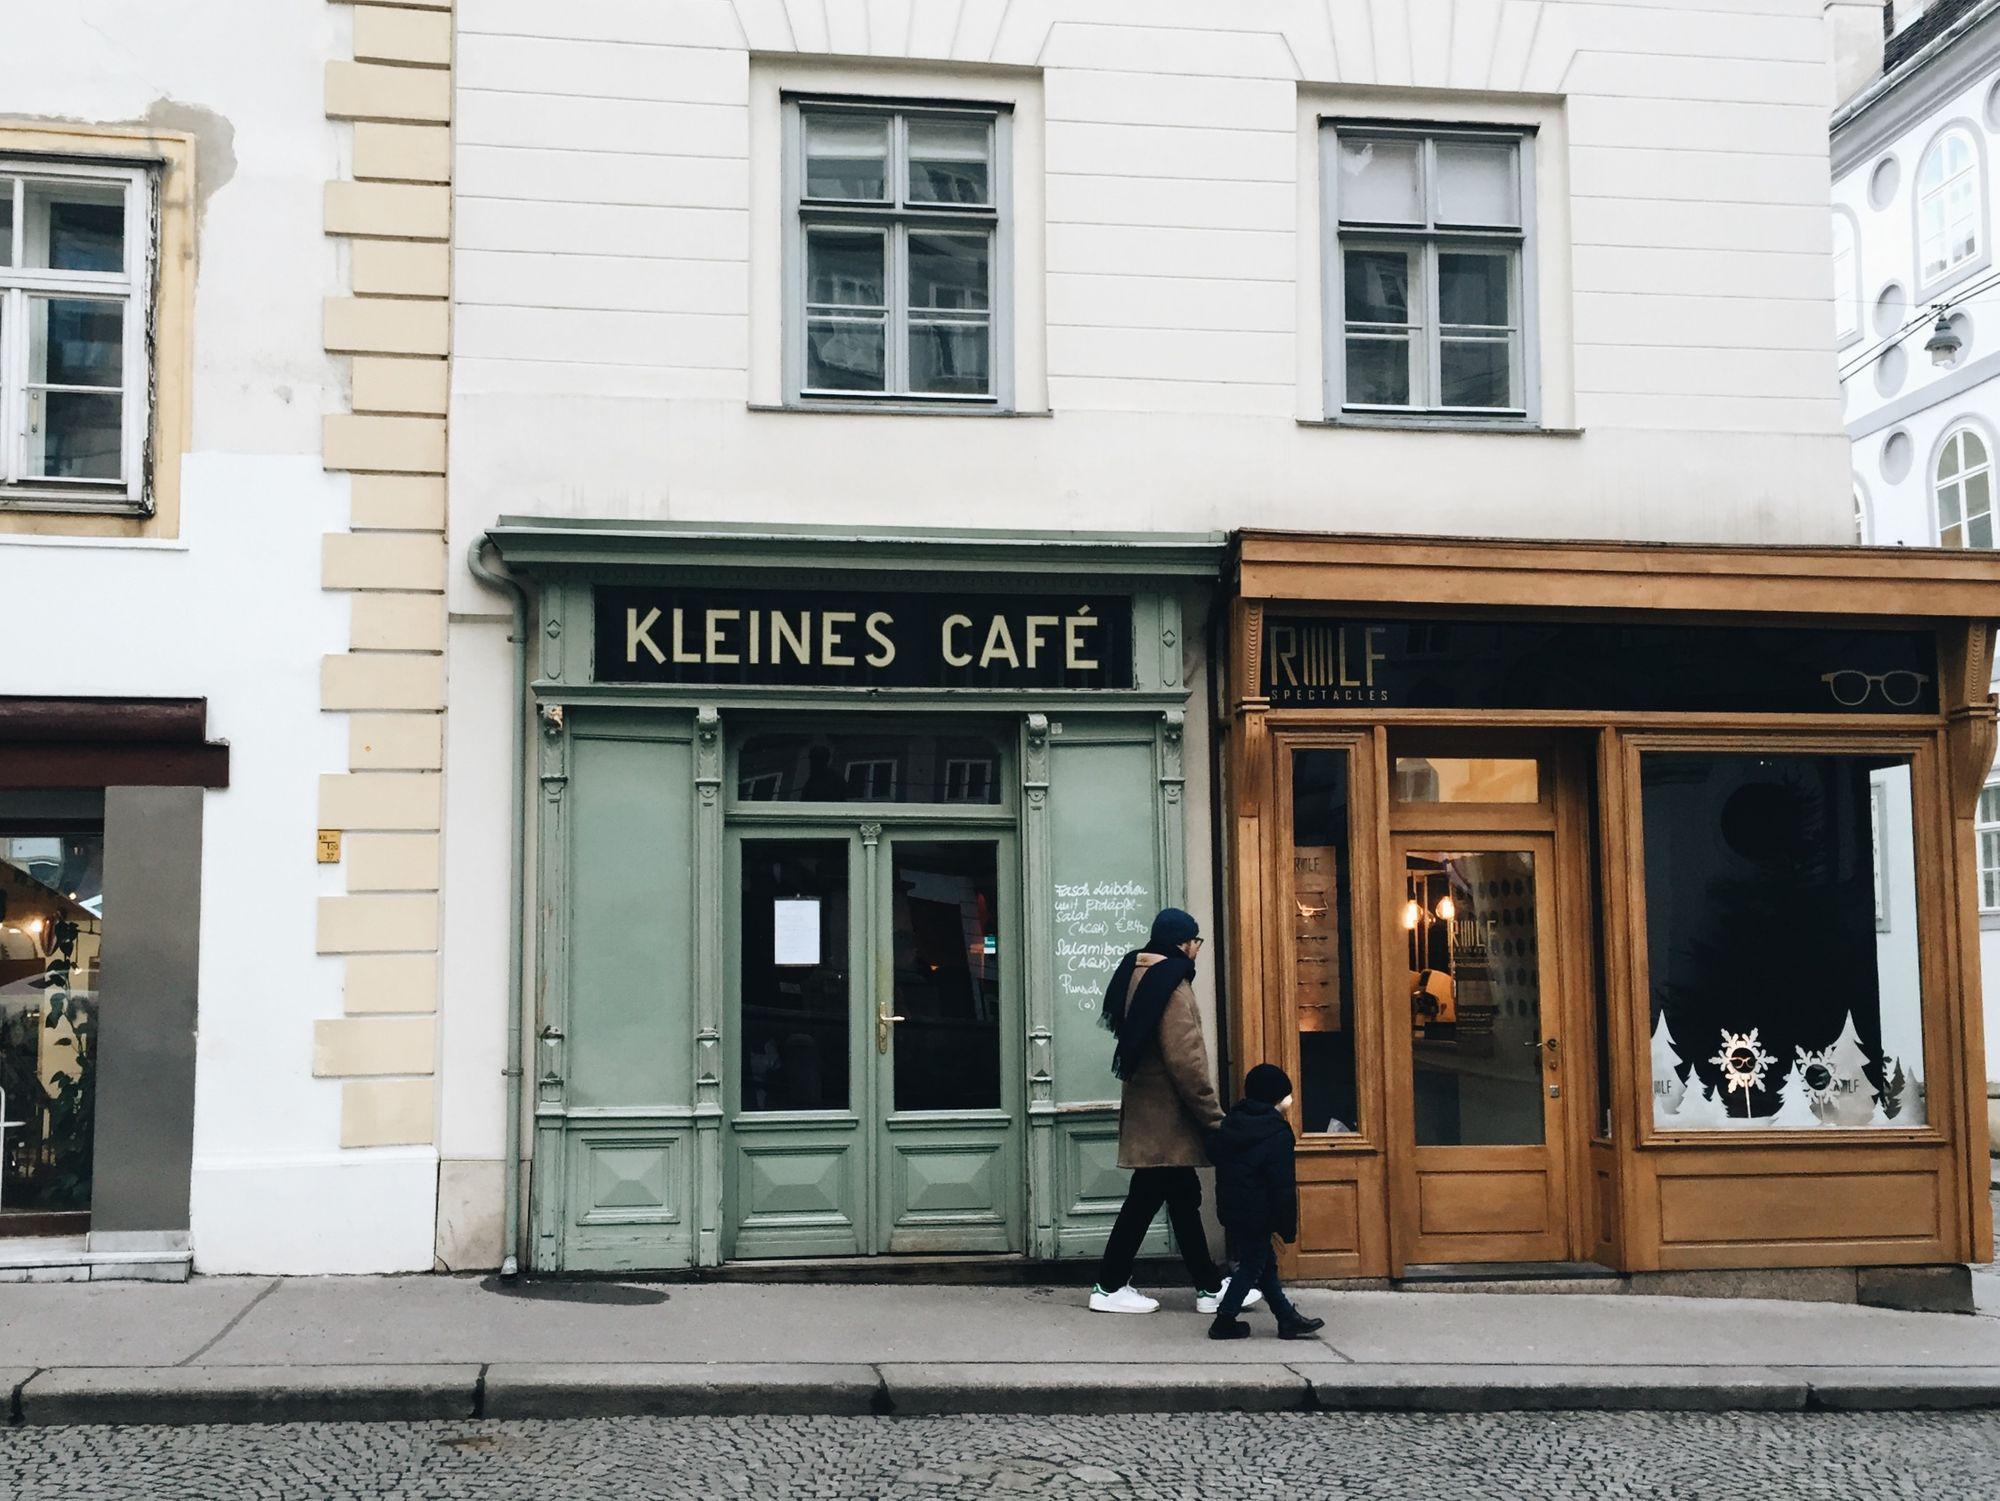 Kleines Cafe in Vienna, Austria